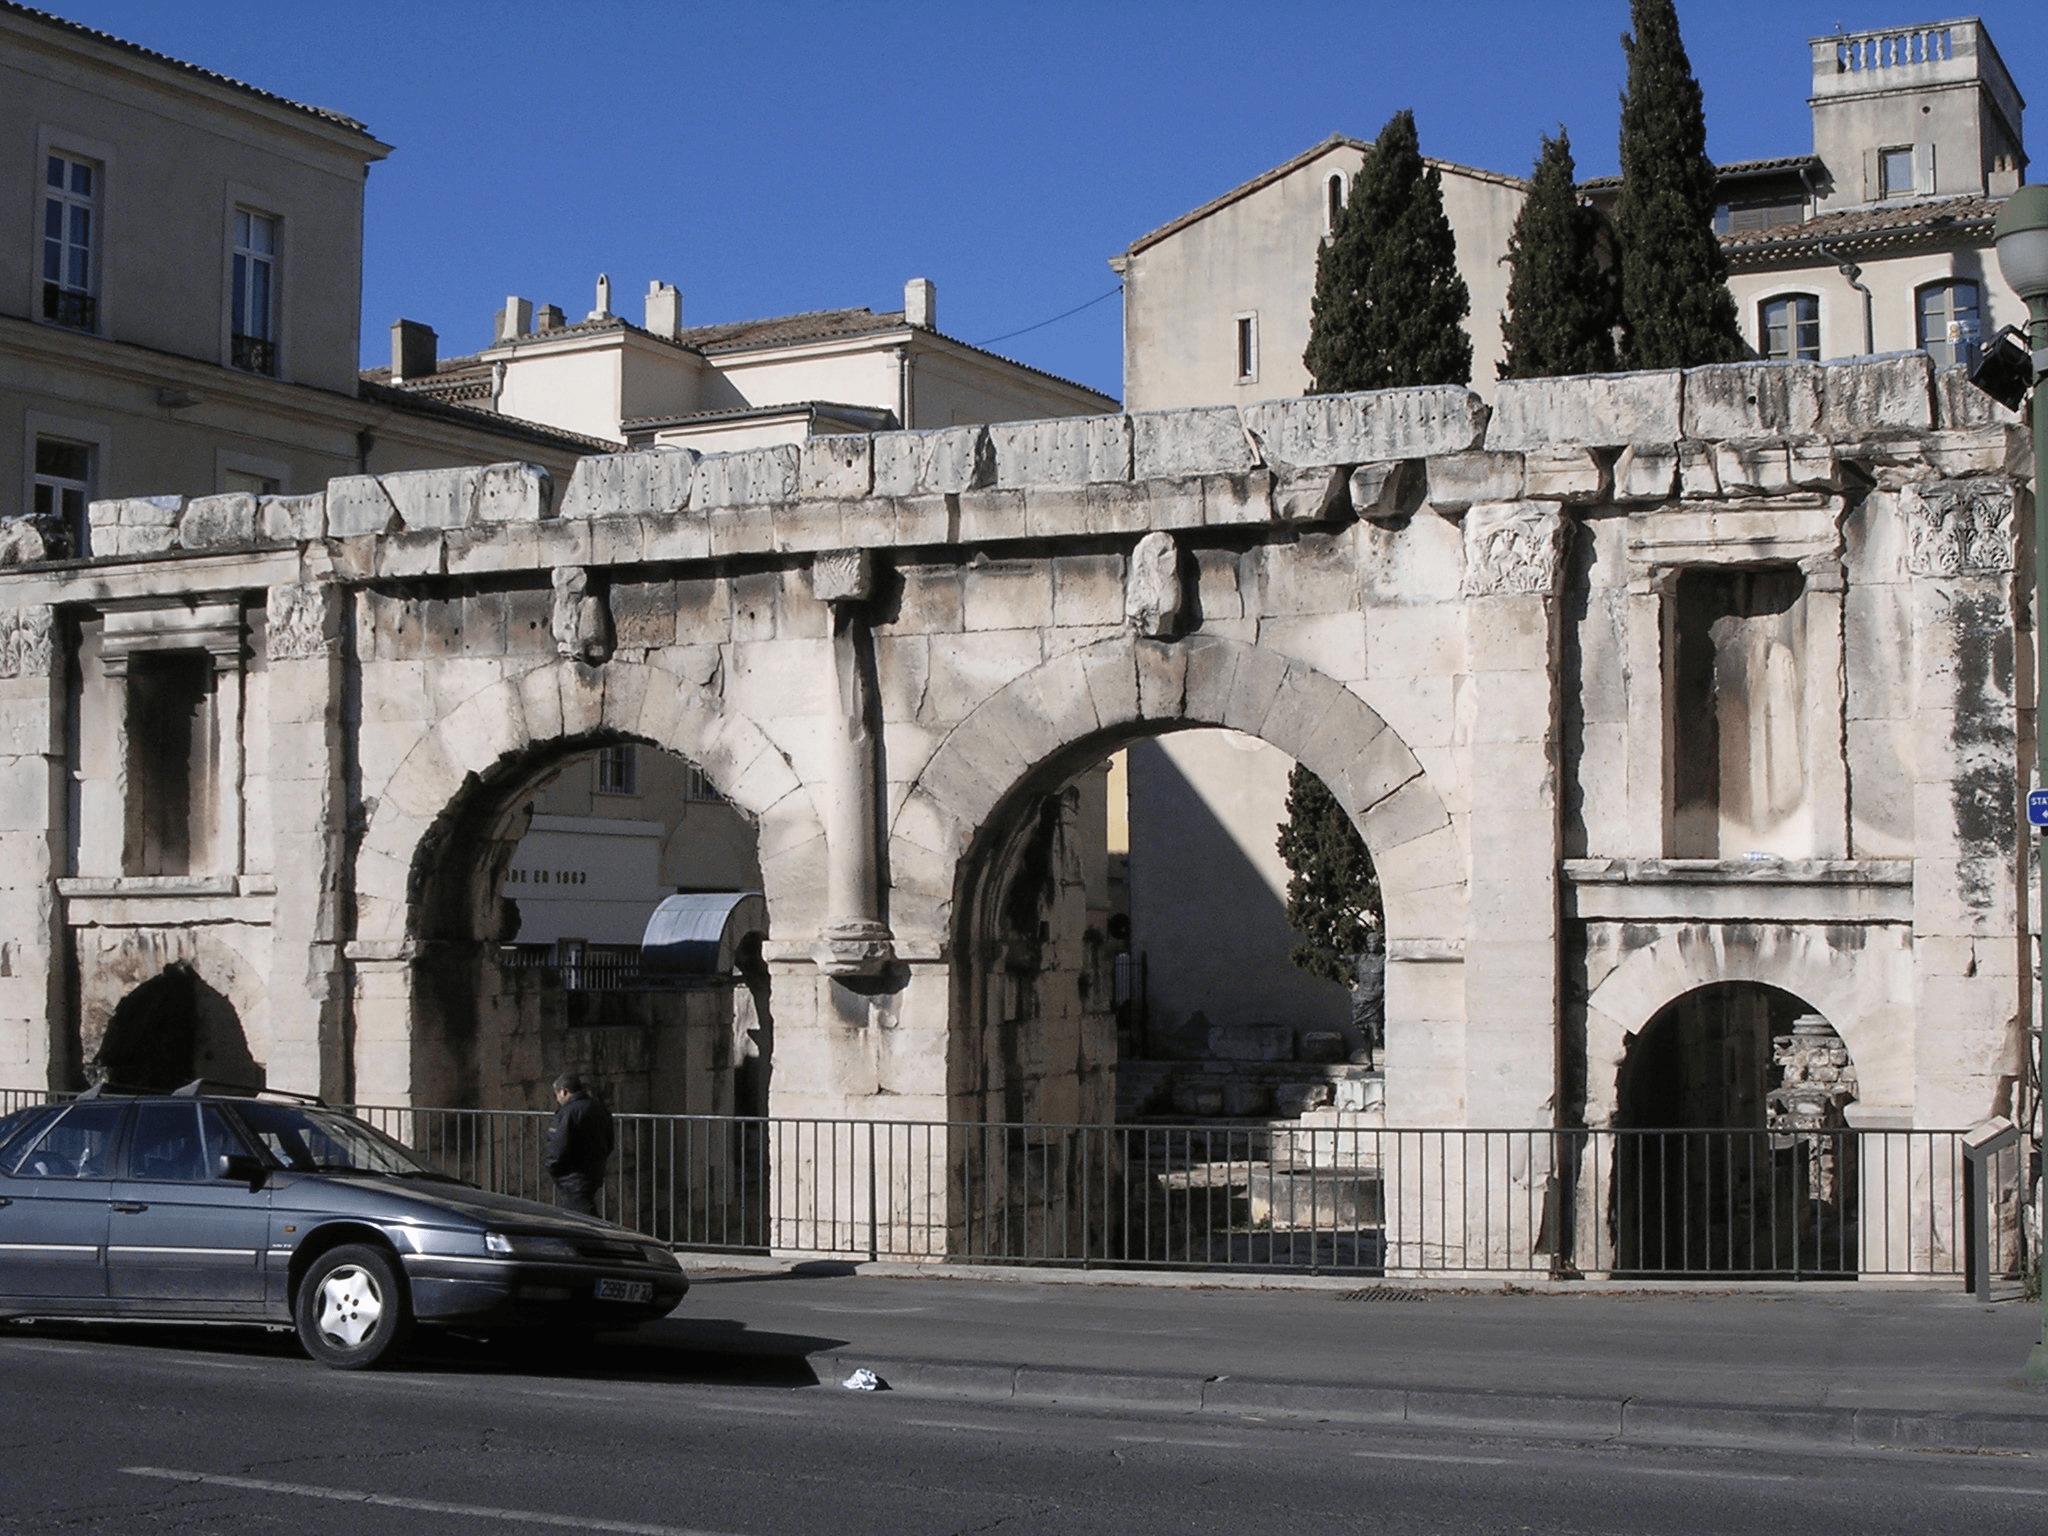 Kết quả hình ảnh cho Porte d'August